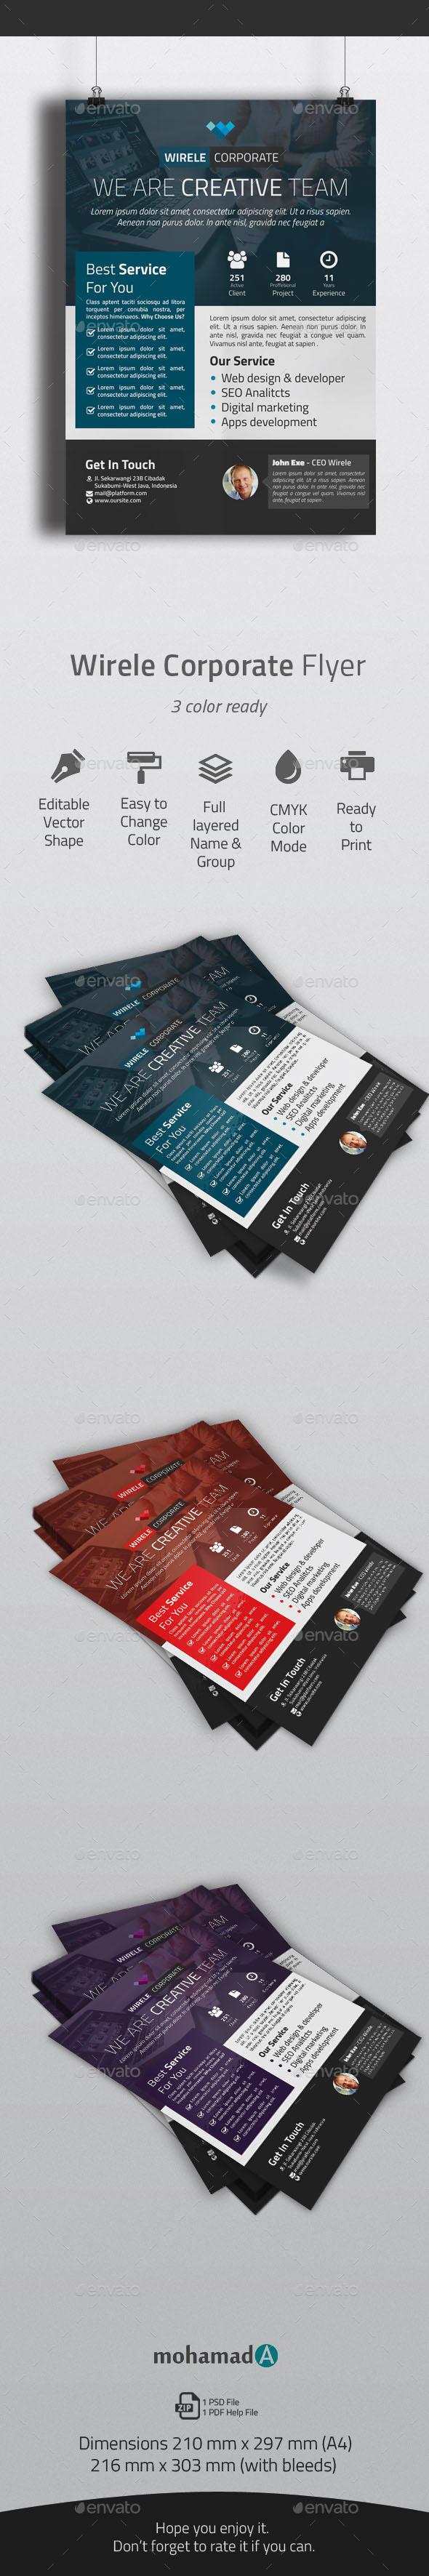 GraphicRiver Wirele Corporate Flyer 11119375